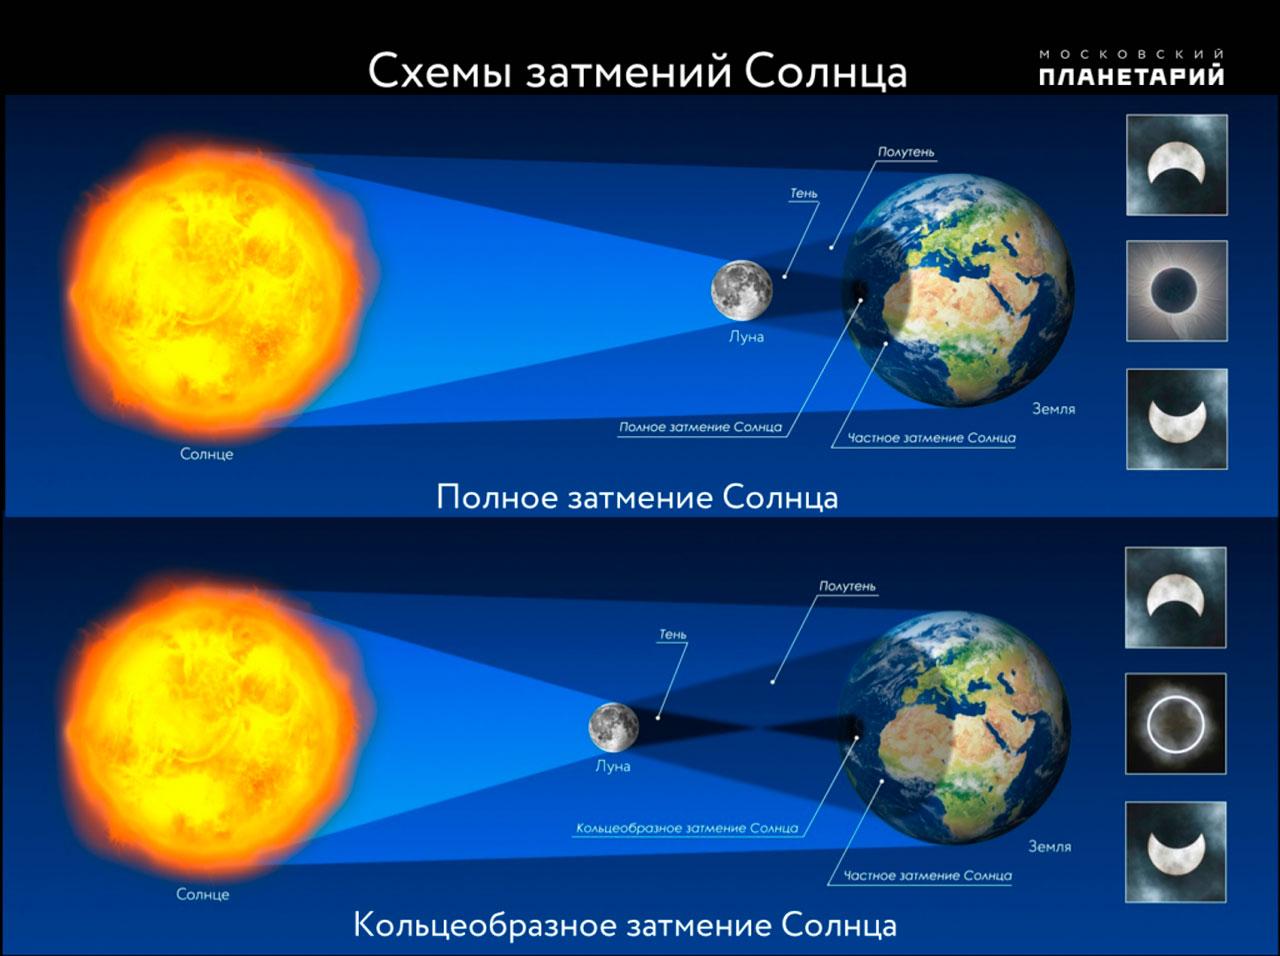 Солнечное затмение 2021: когда в небе появится огненное кольцо